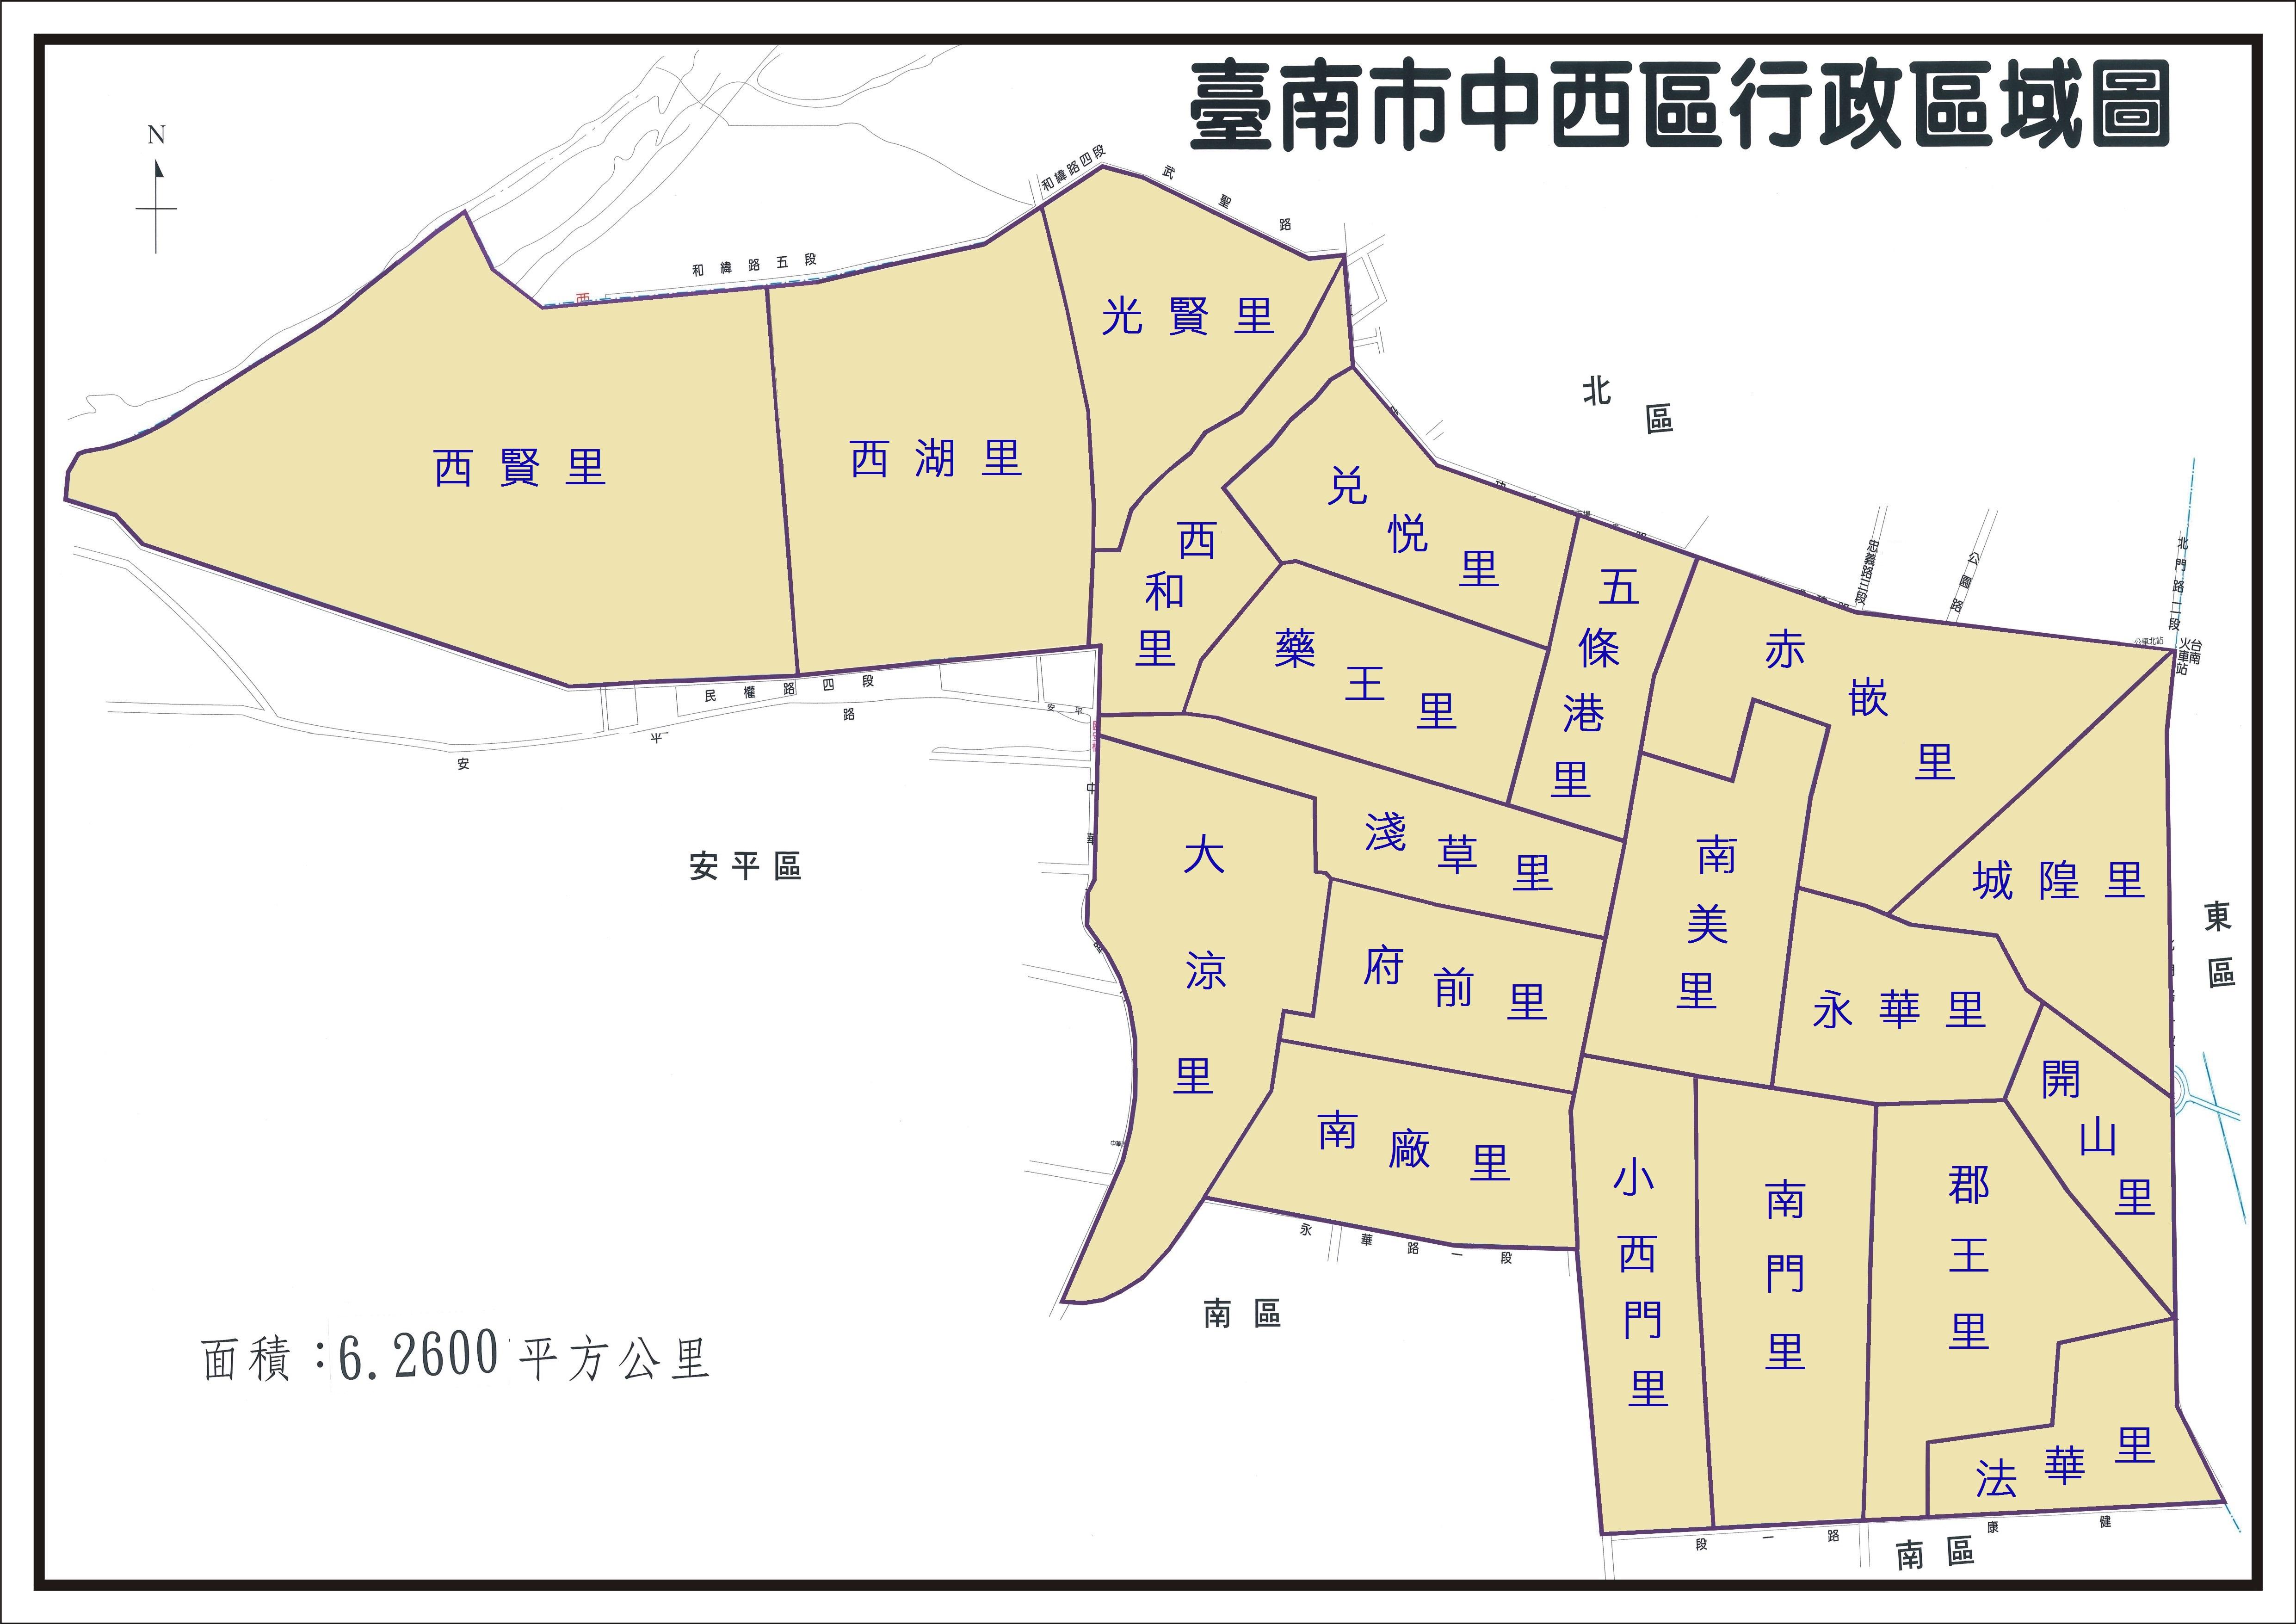 中西區行政區域簡圖